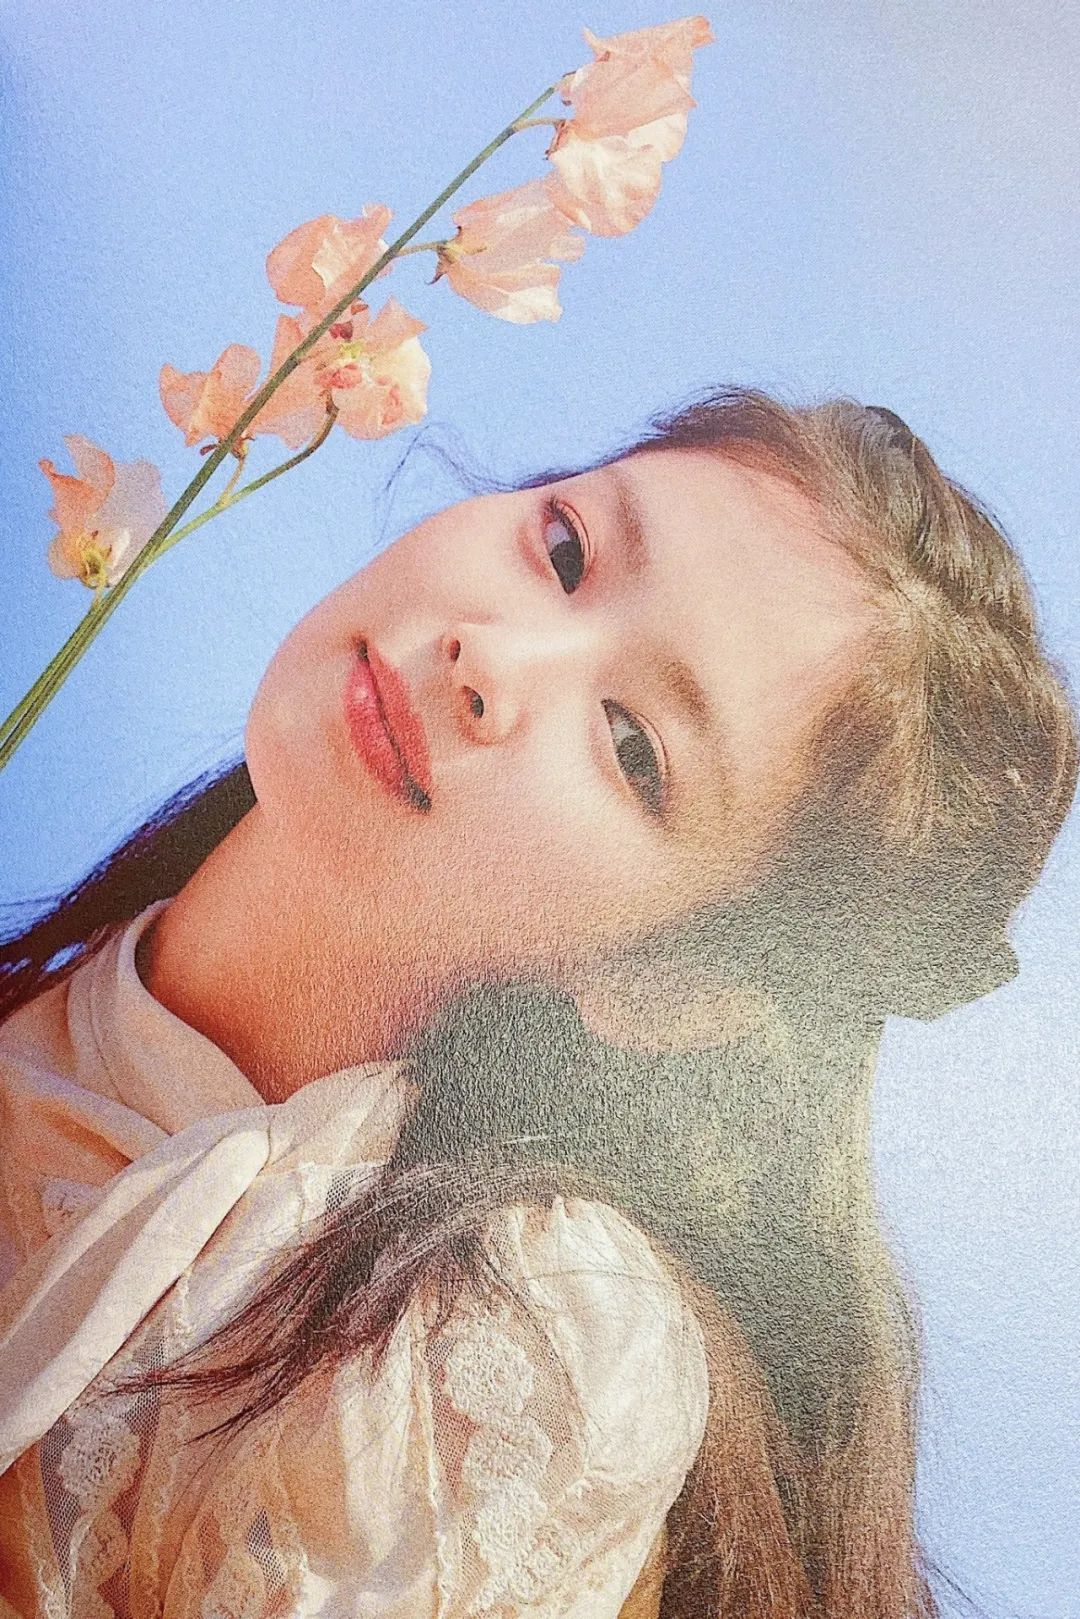 妹子摄影 – Jennie金智妮  美貌小猫咪_图片 No.7